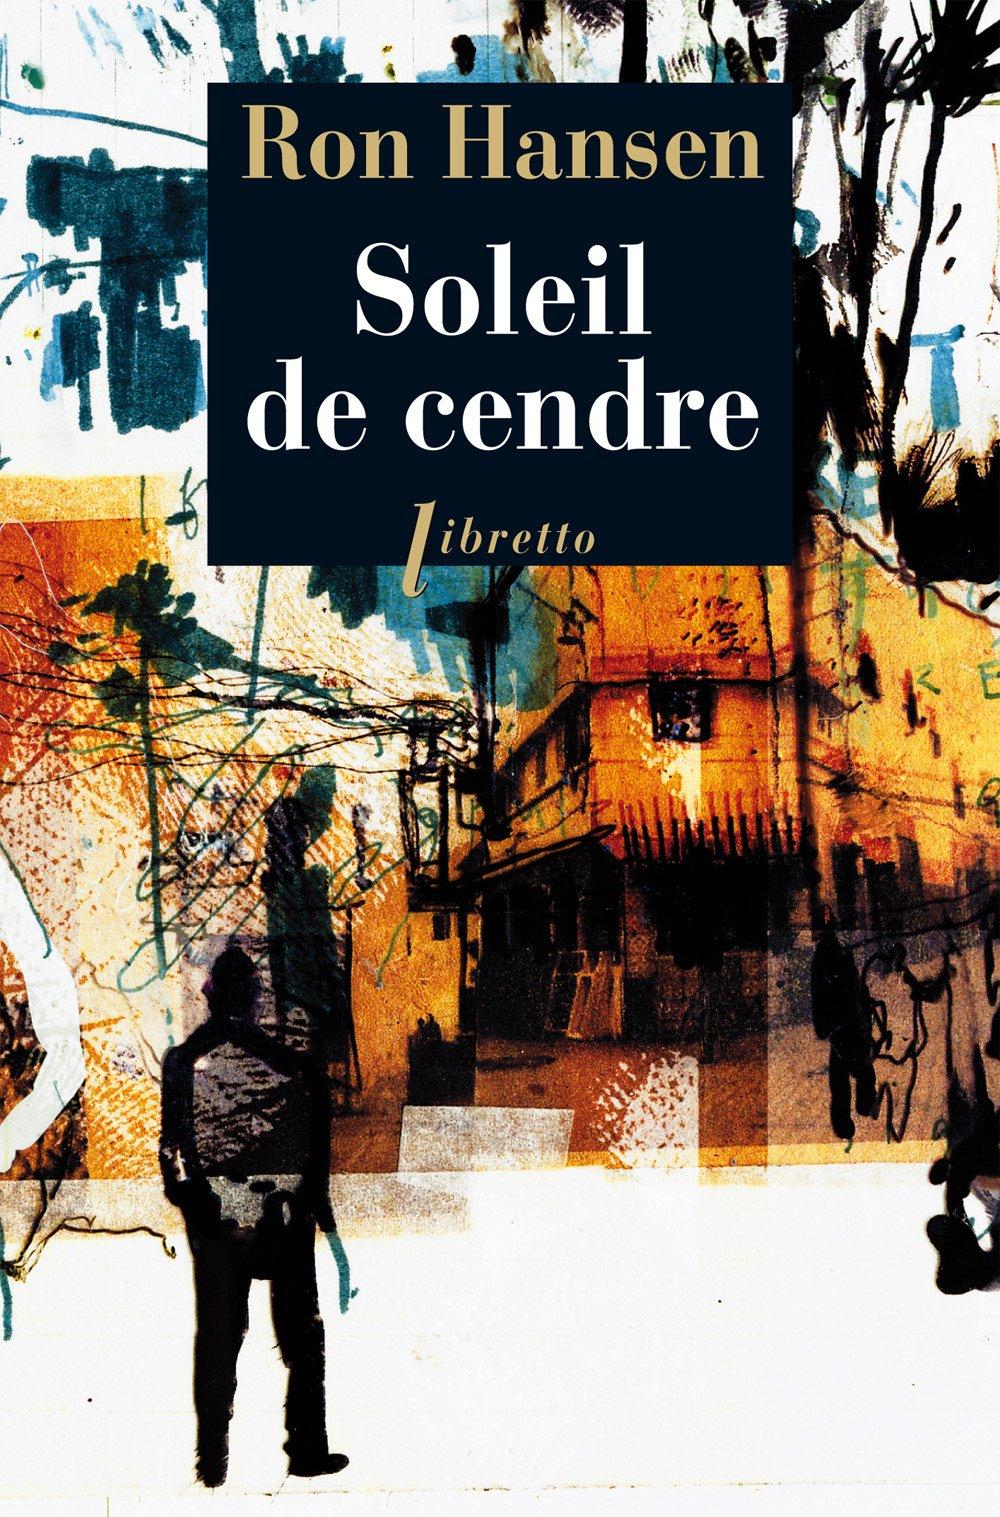 Soleil de cendre (Libretto): Amazon.es: Hansen, Ron, Champon ...